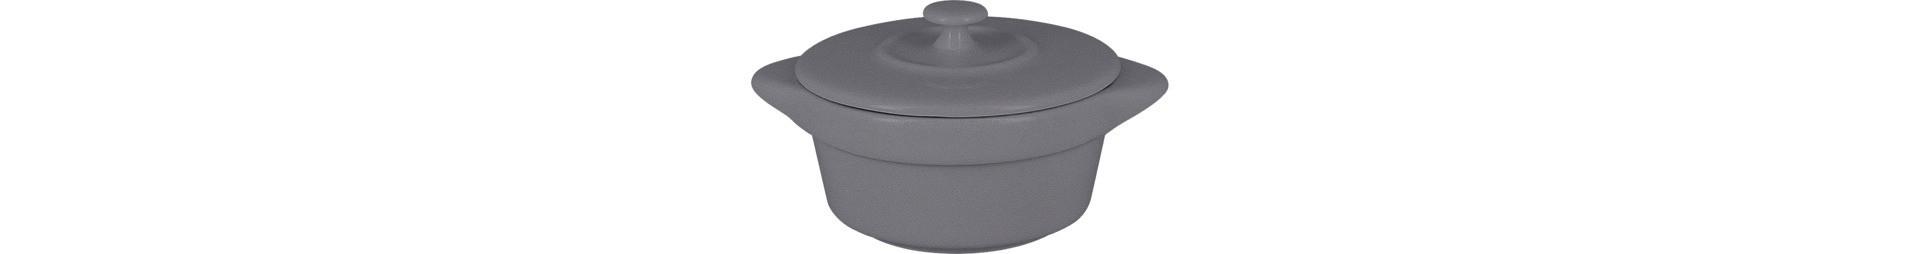 Chef's Fusion, Cocotte mit Deckel mini ø 85 mm / 0,11 l stone